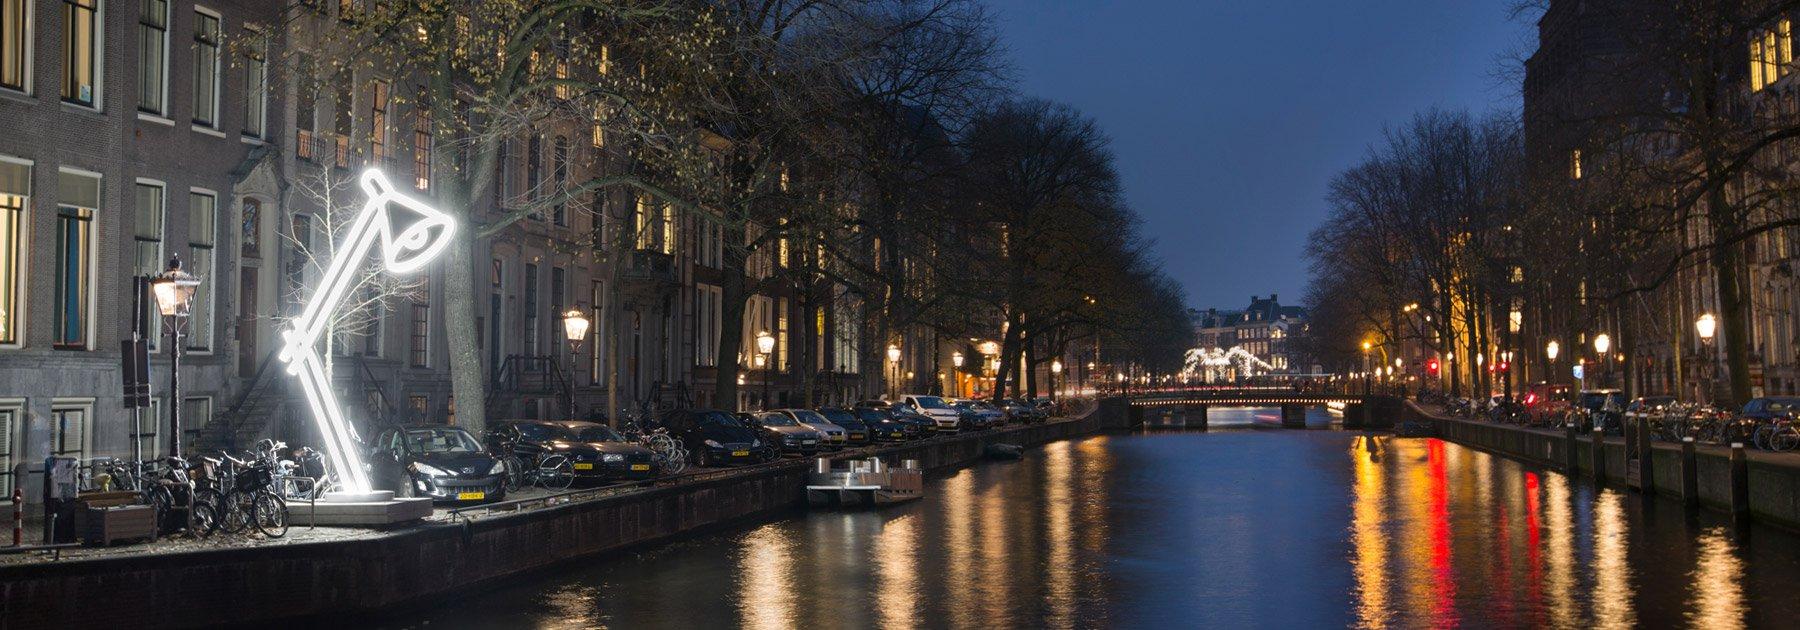 amsterdam-light-festival-designboom-1800